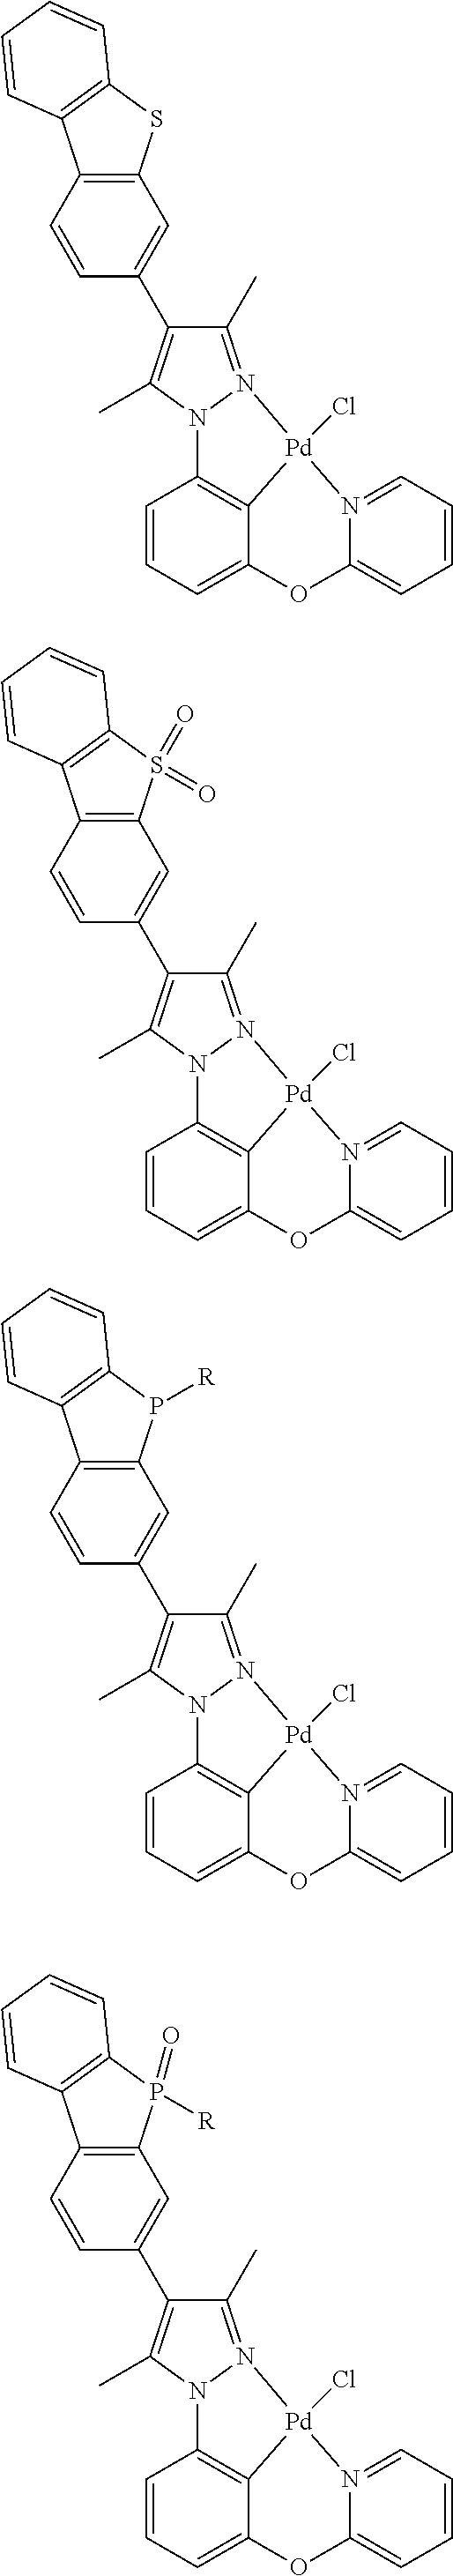 Figure US09818959-20171114-C00527